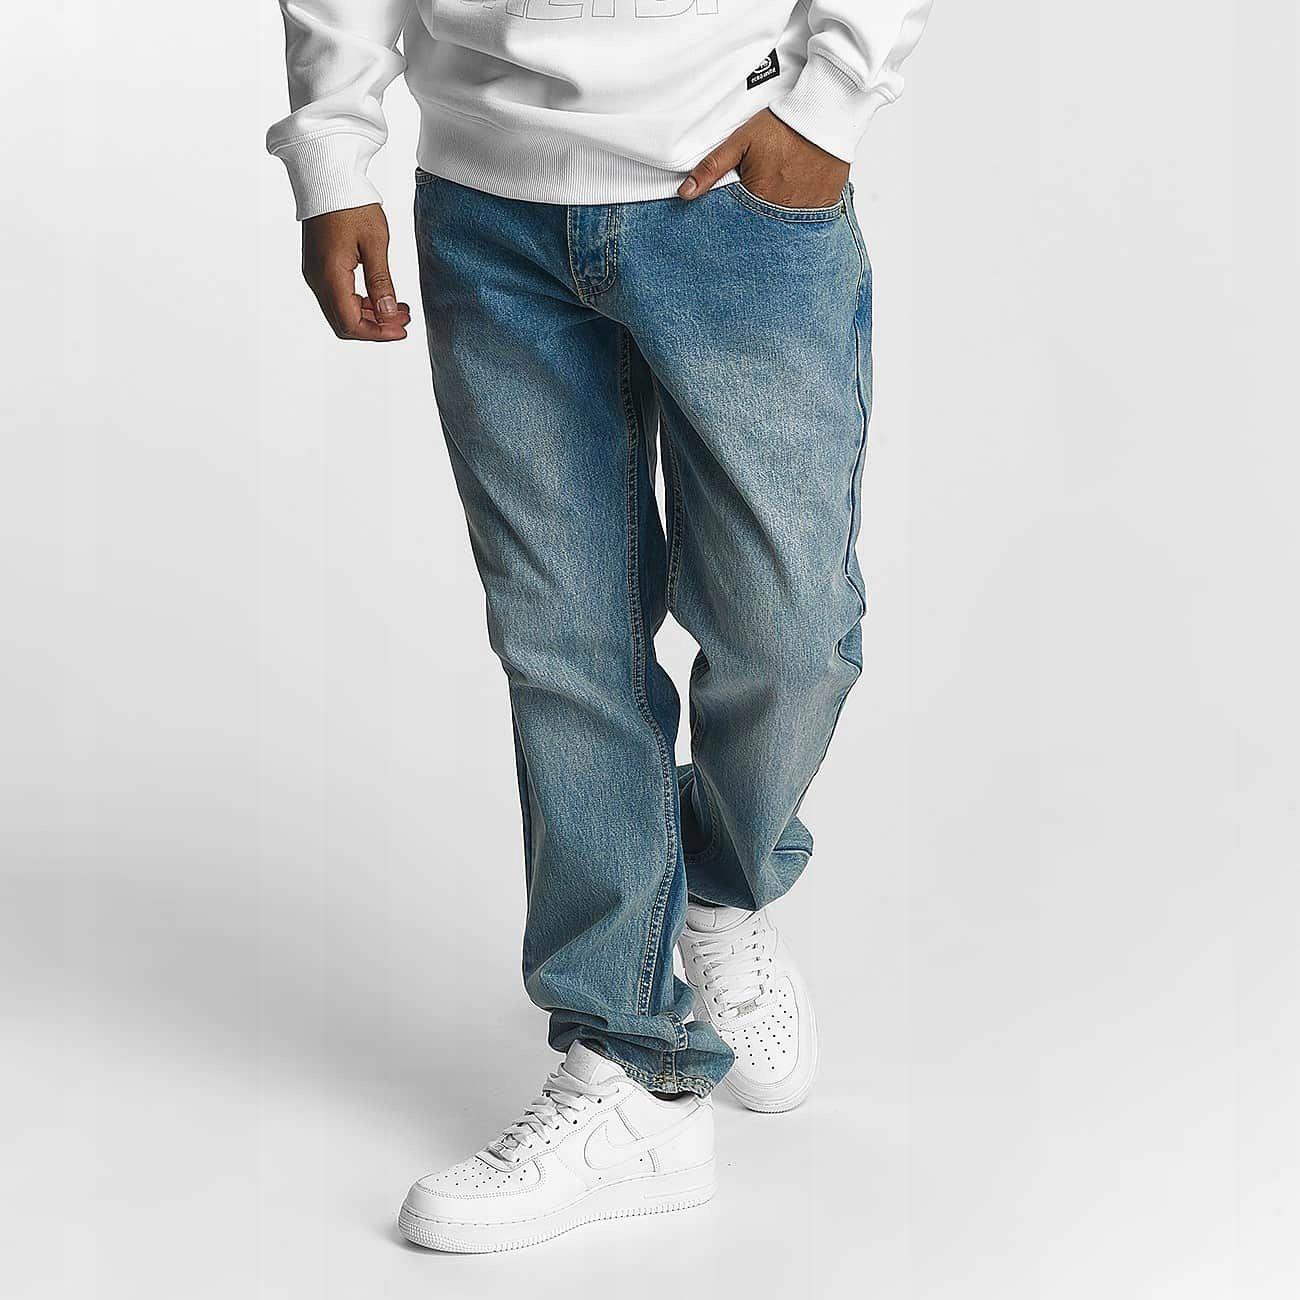 Spodnie Ecko St Fit Jeans Gordon W 32 L 32